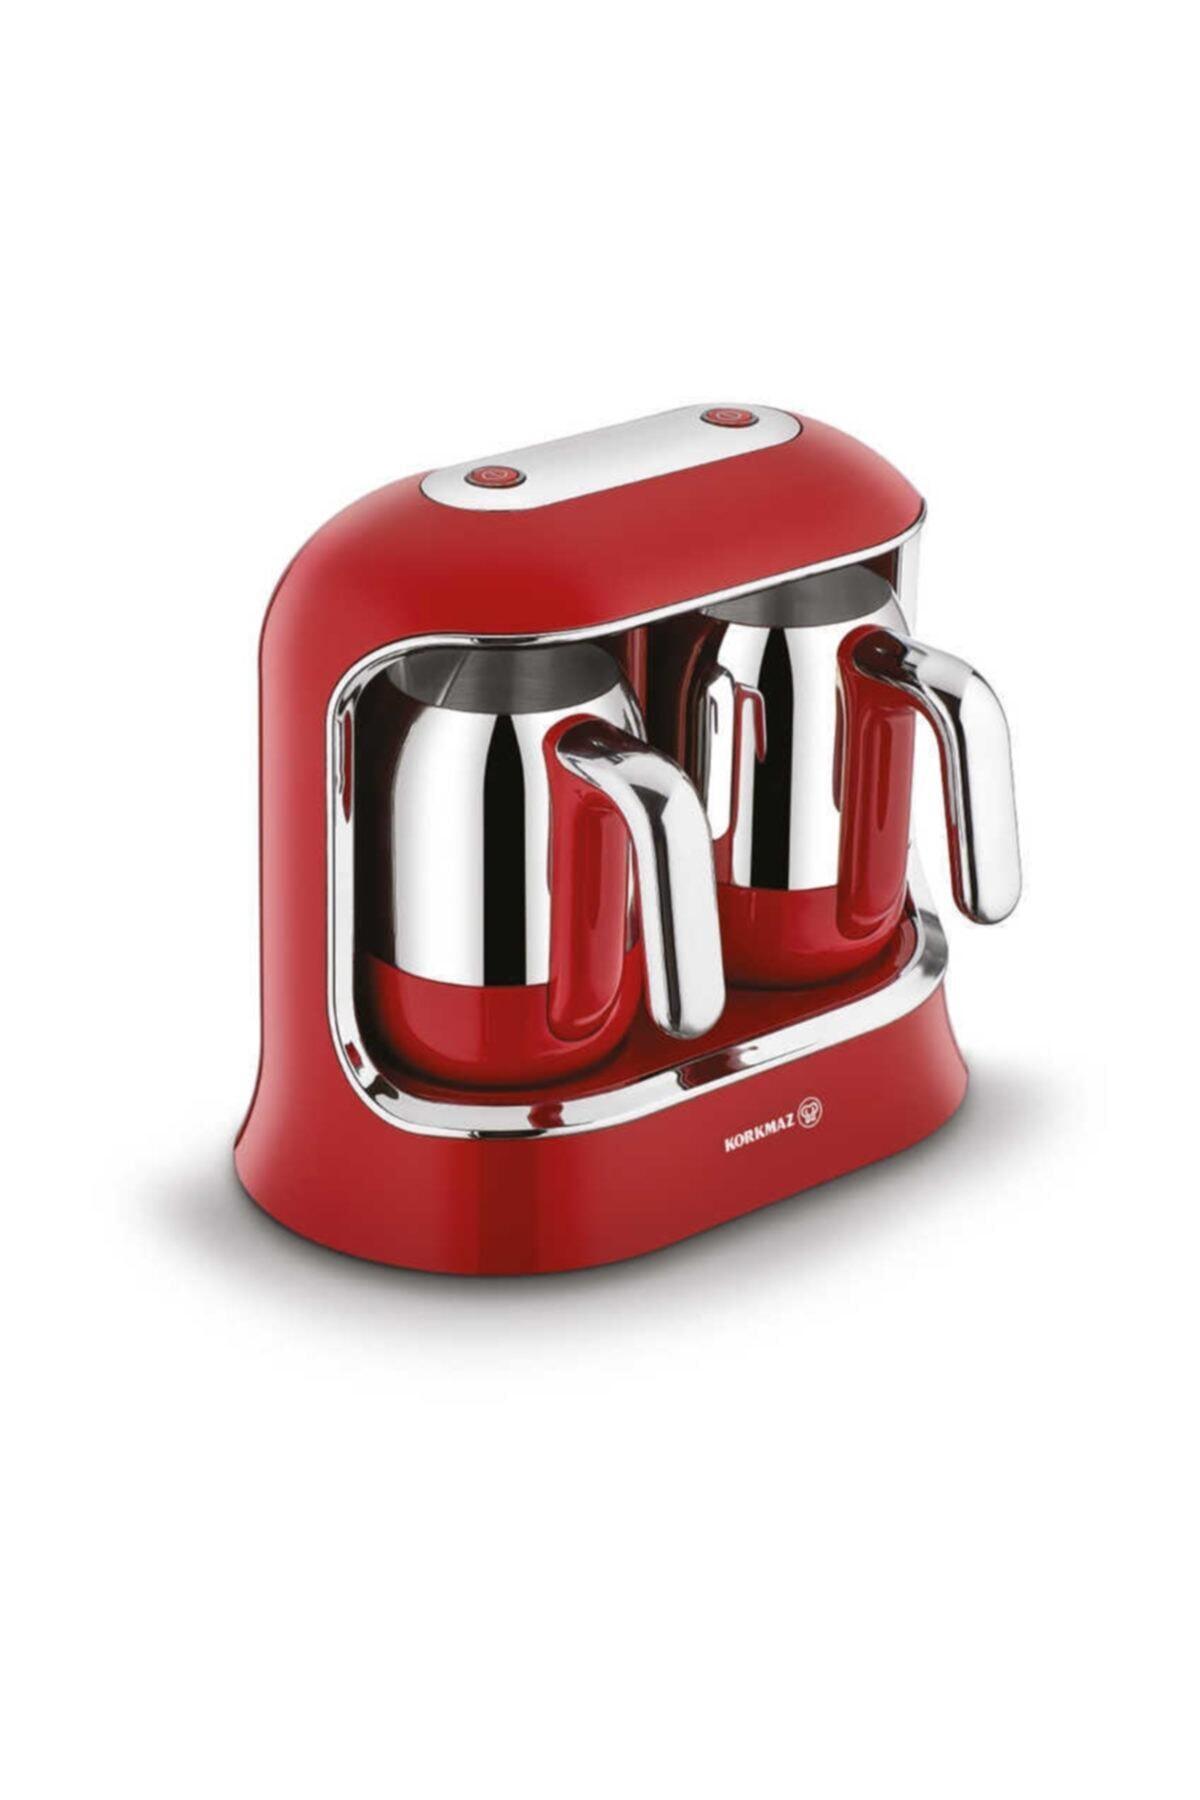 Kahvekolik Twin Kahve Makinesi Kırmızı Krom A861